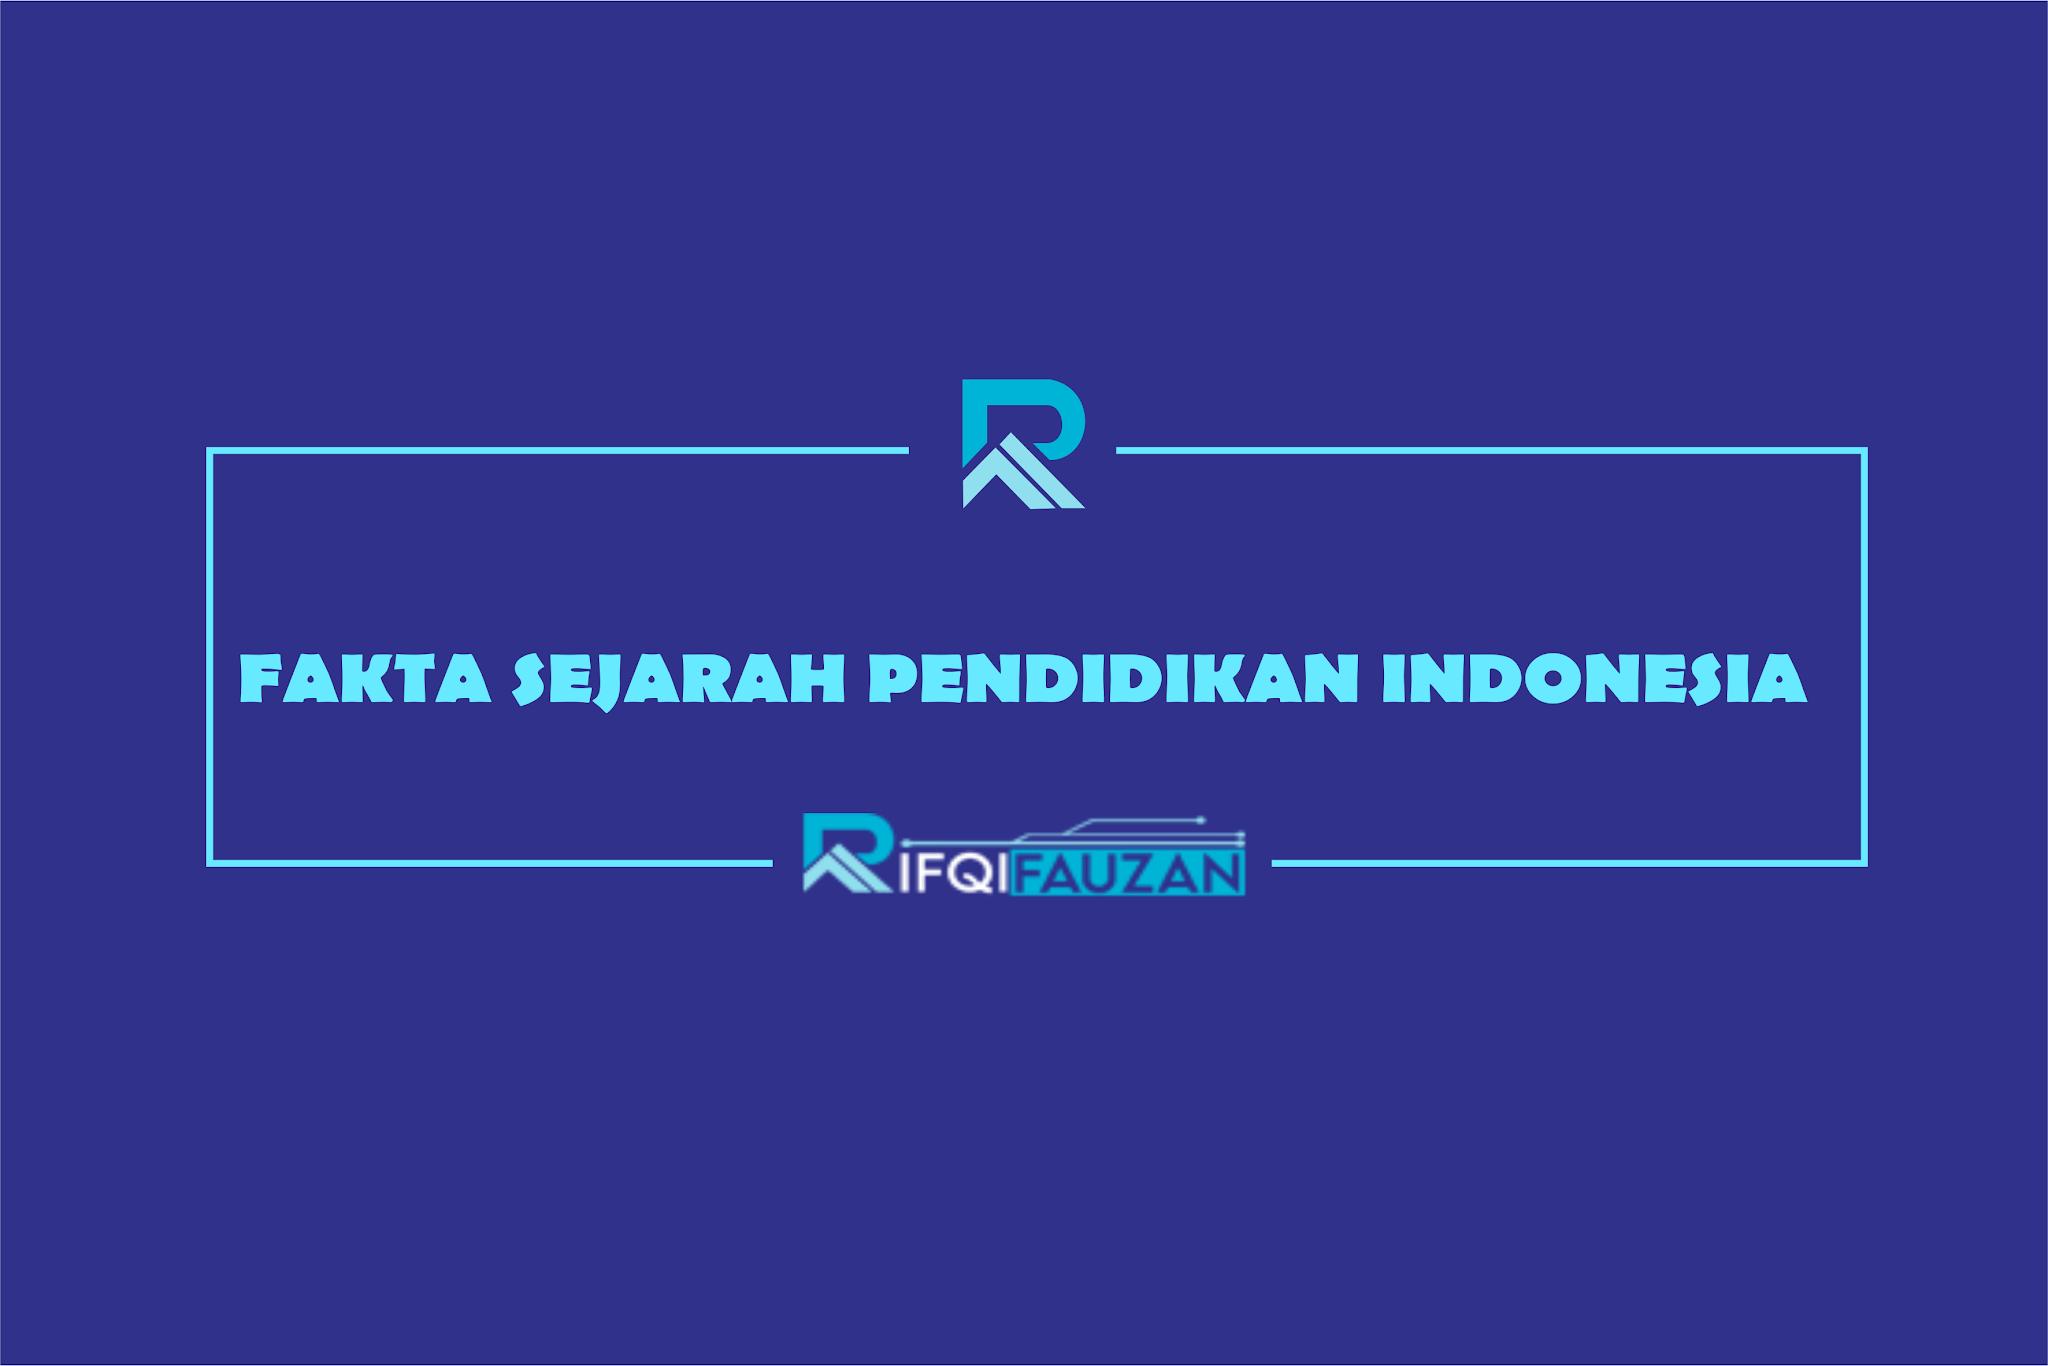 FAKTA SEJARAH PENDIDIKAN DI INDONESIA YANG SERING TERLUPAKAN